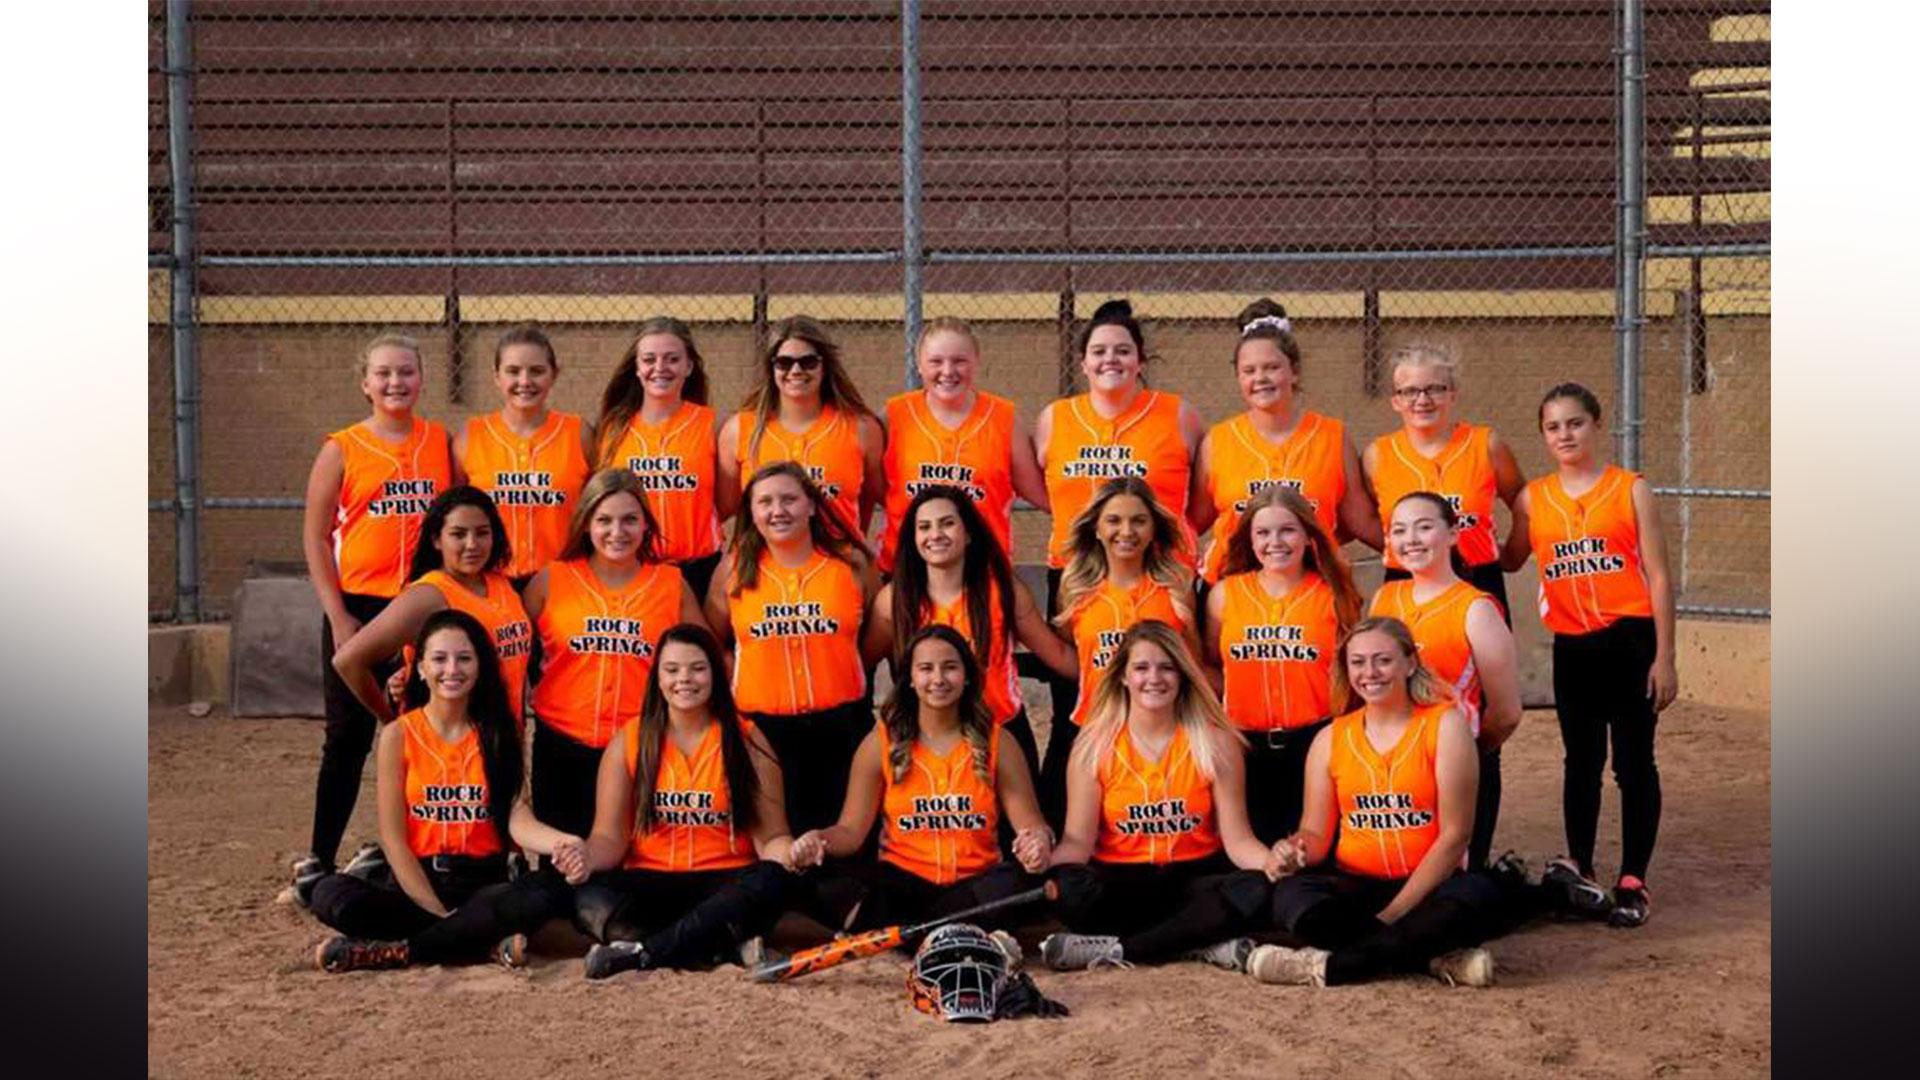 LAST CHANCE REGISTRATION for Rock Springs Girl's Softball Spring/Summer Season